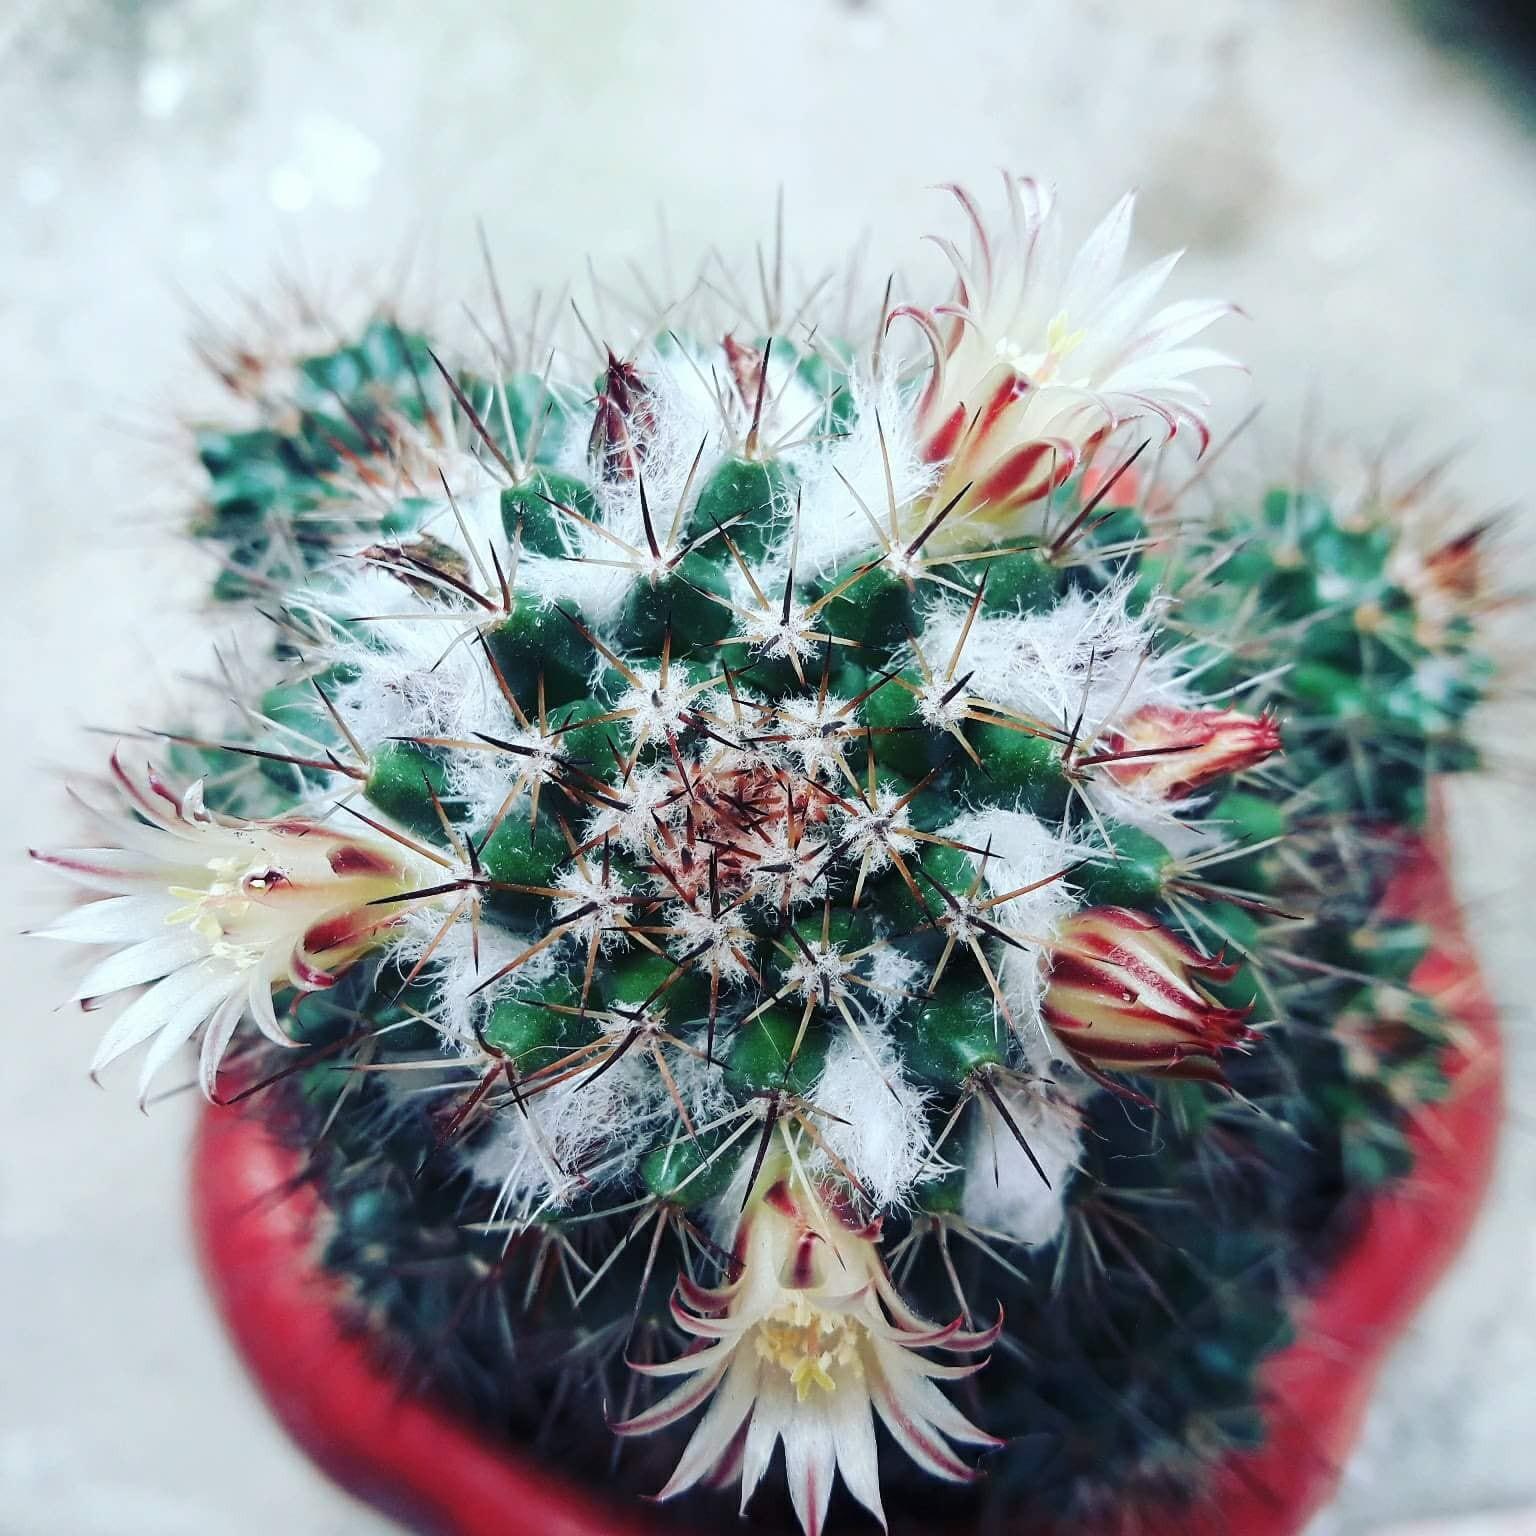 Cư dân mạng khoe trồng xương rồng ra hoa rực rỡ xem ai mát tay hơn - Ảnh 1.